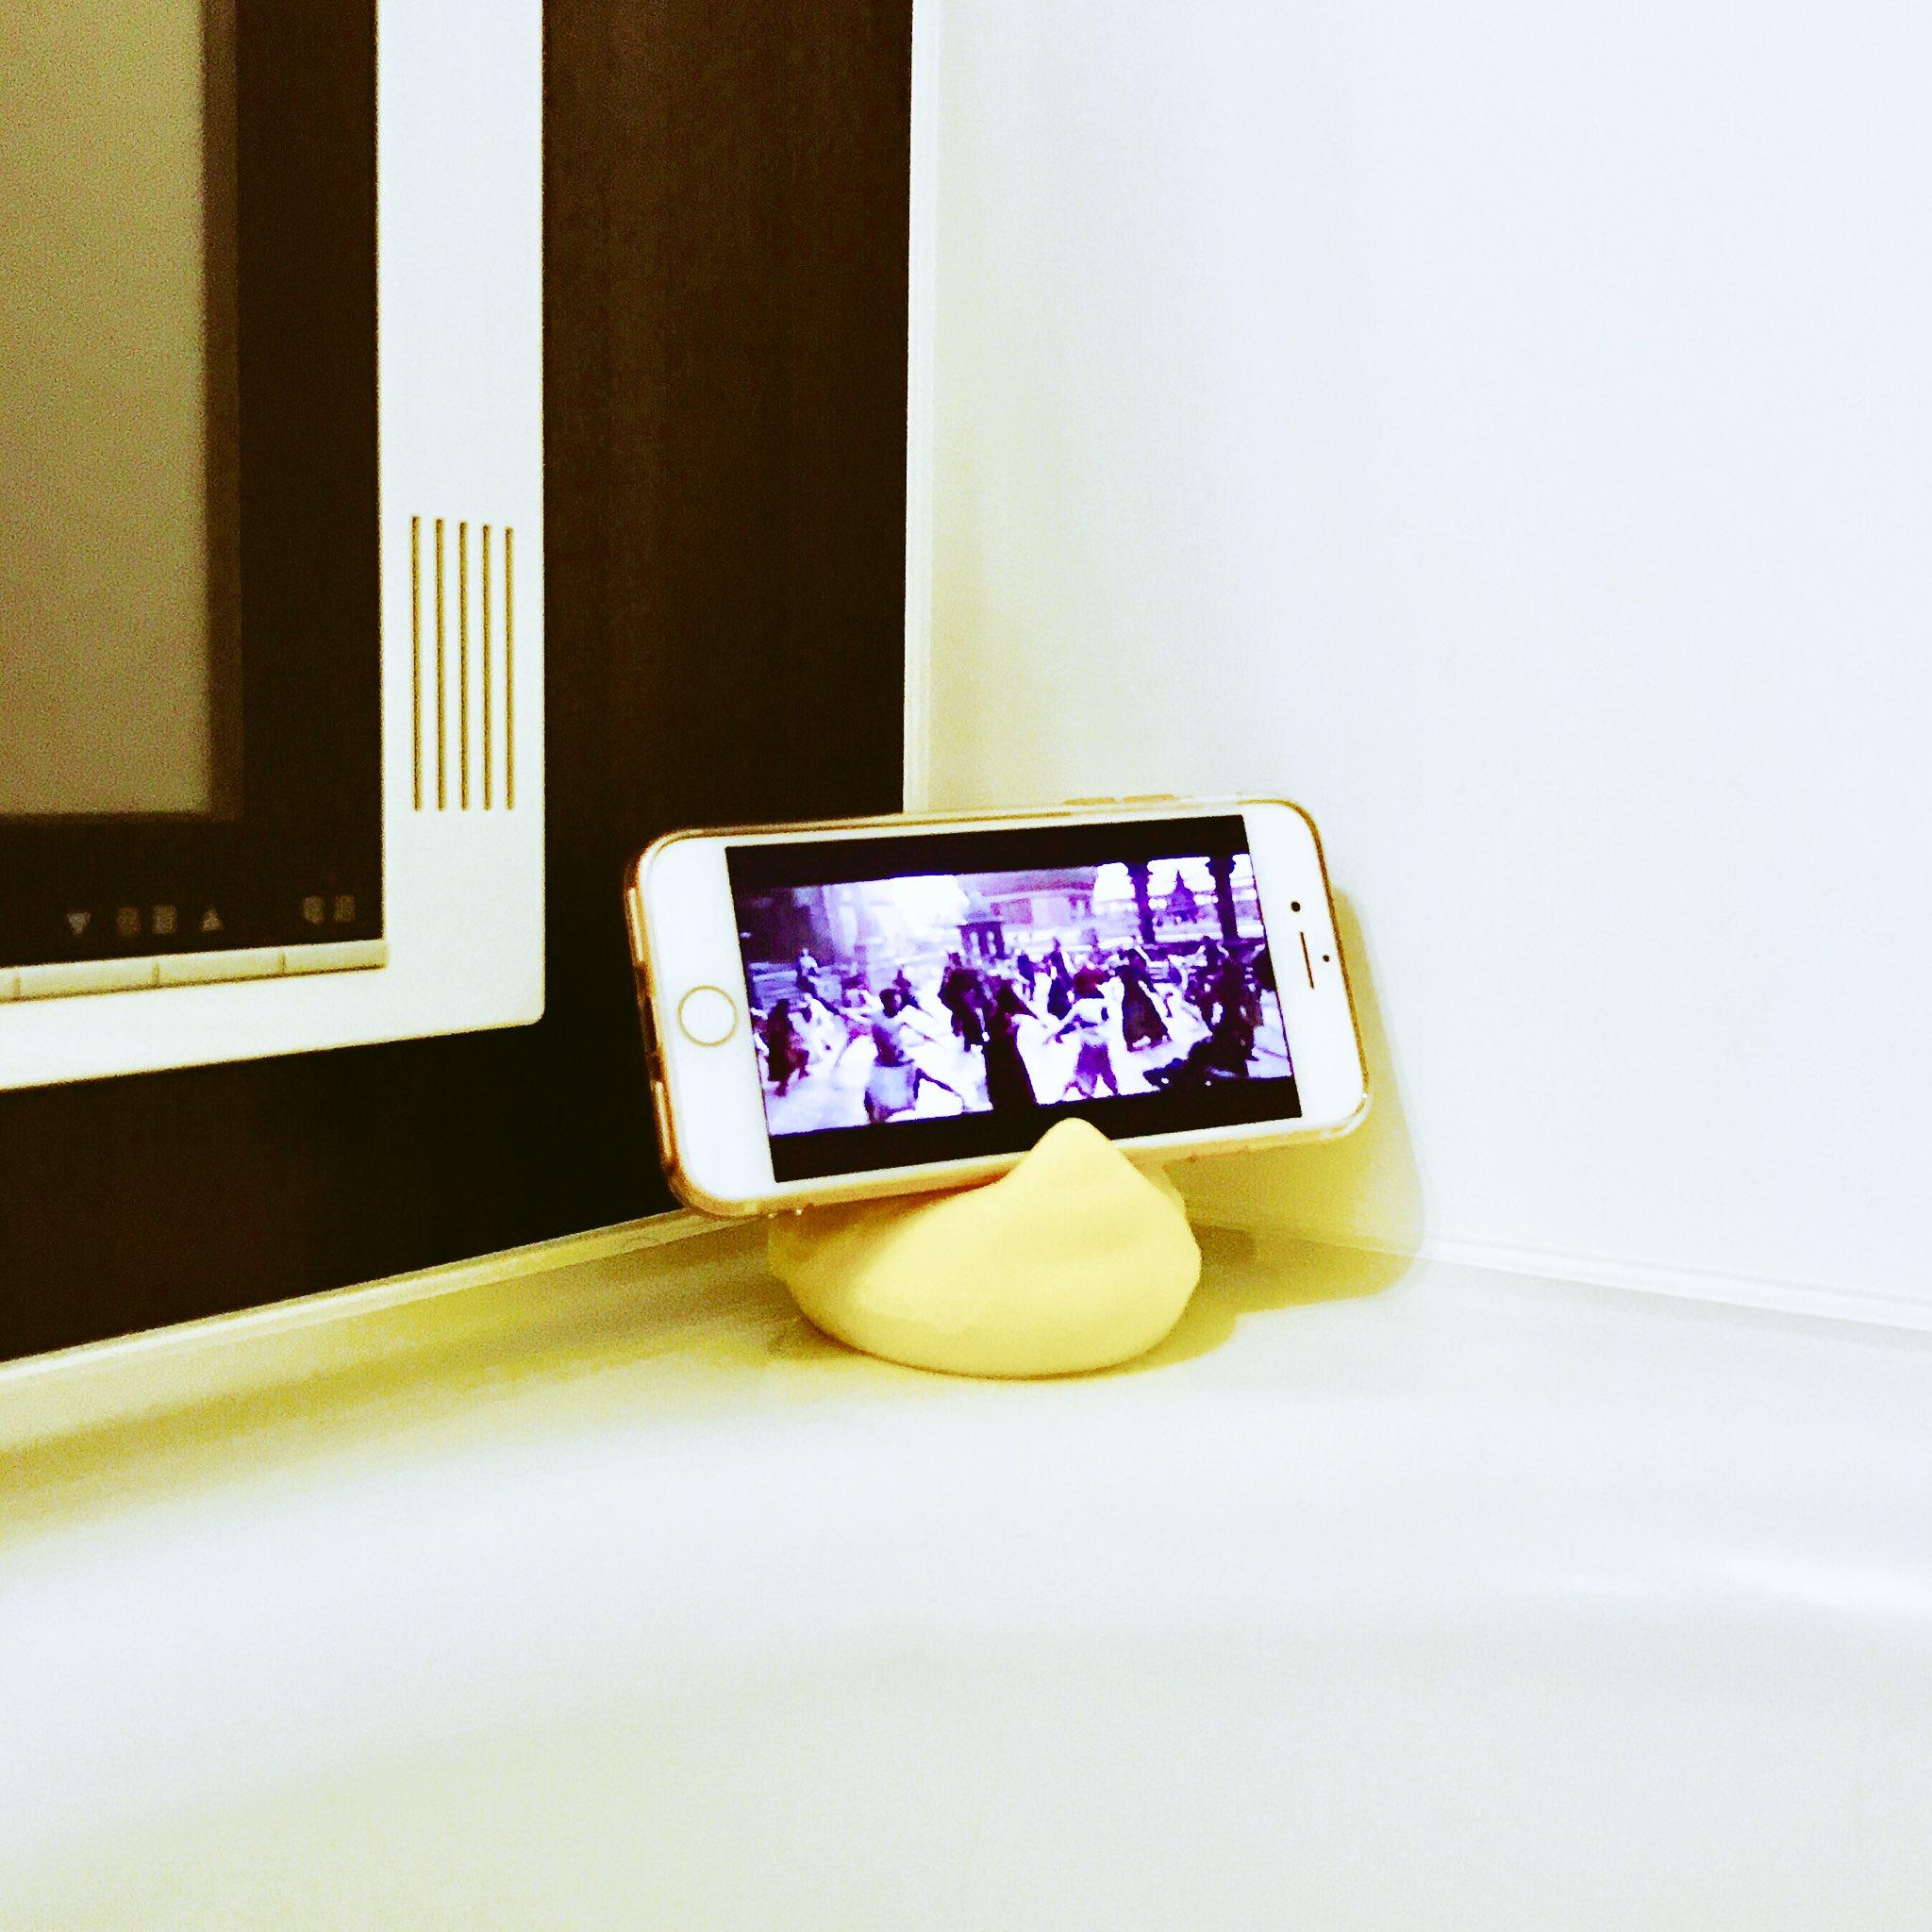 これは違和感ゼロwwお風呂のスマホ置きはアヒルがおすすめwww